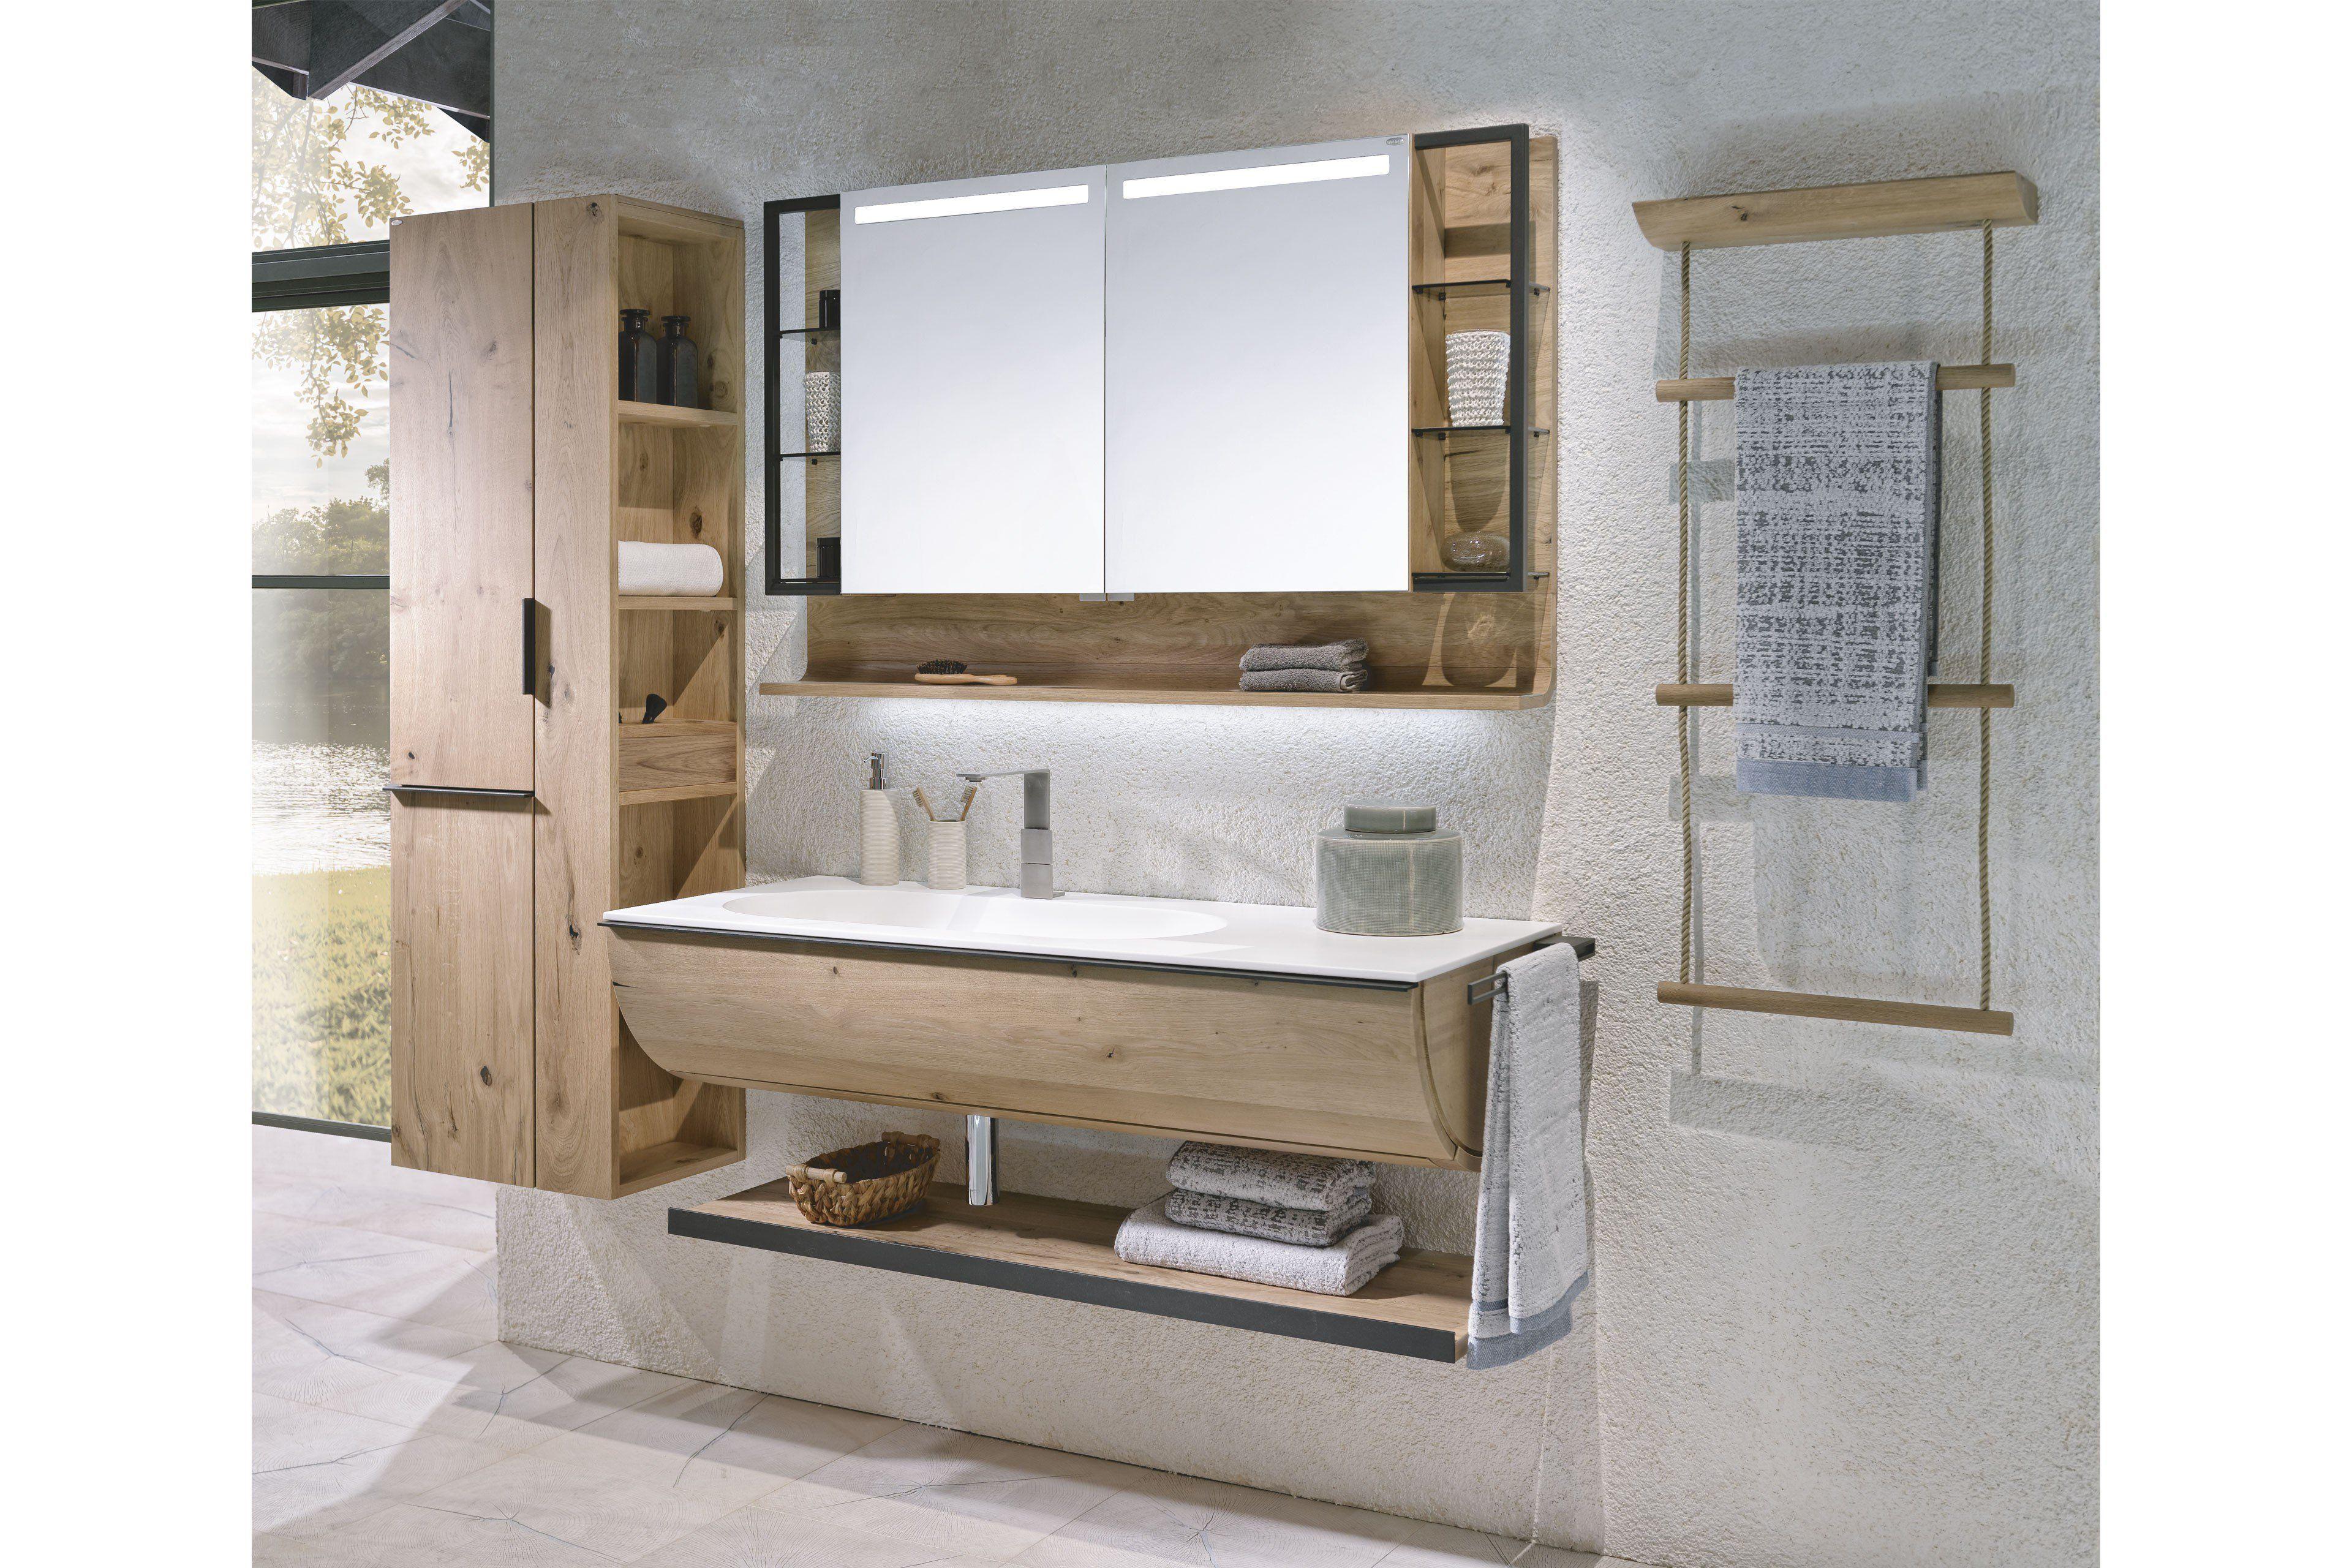 Badezimmer V Quell Von Voglauer In Aleiche Rustiko Mobel Letz Ihr Online Shop In 2020 Badezimmer Mobel Badezimmer Und Online Mobel